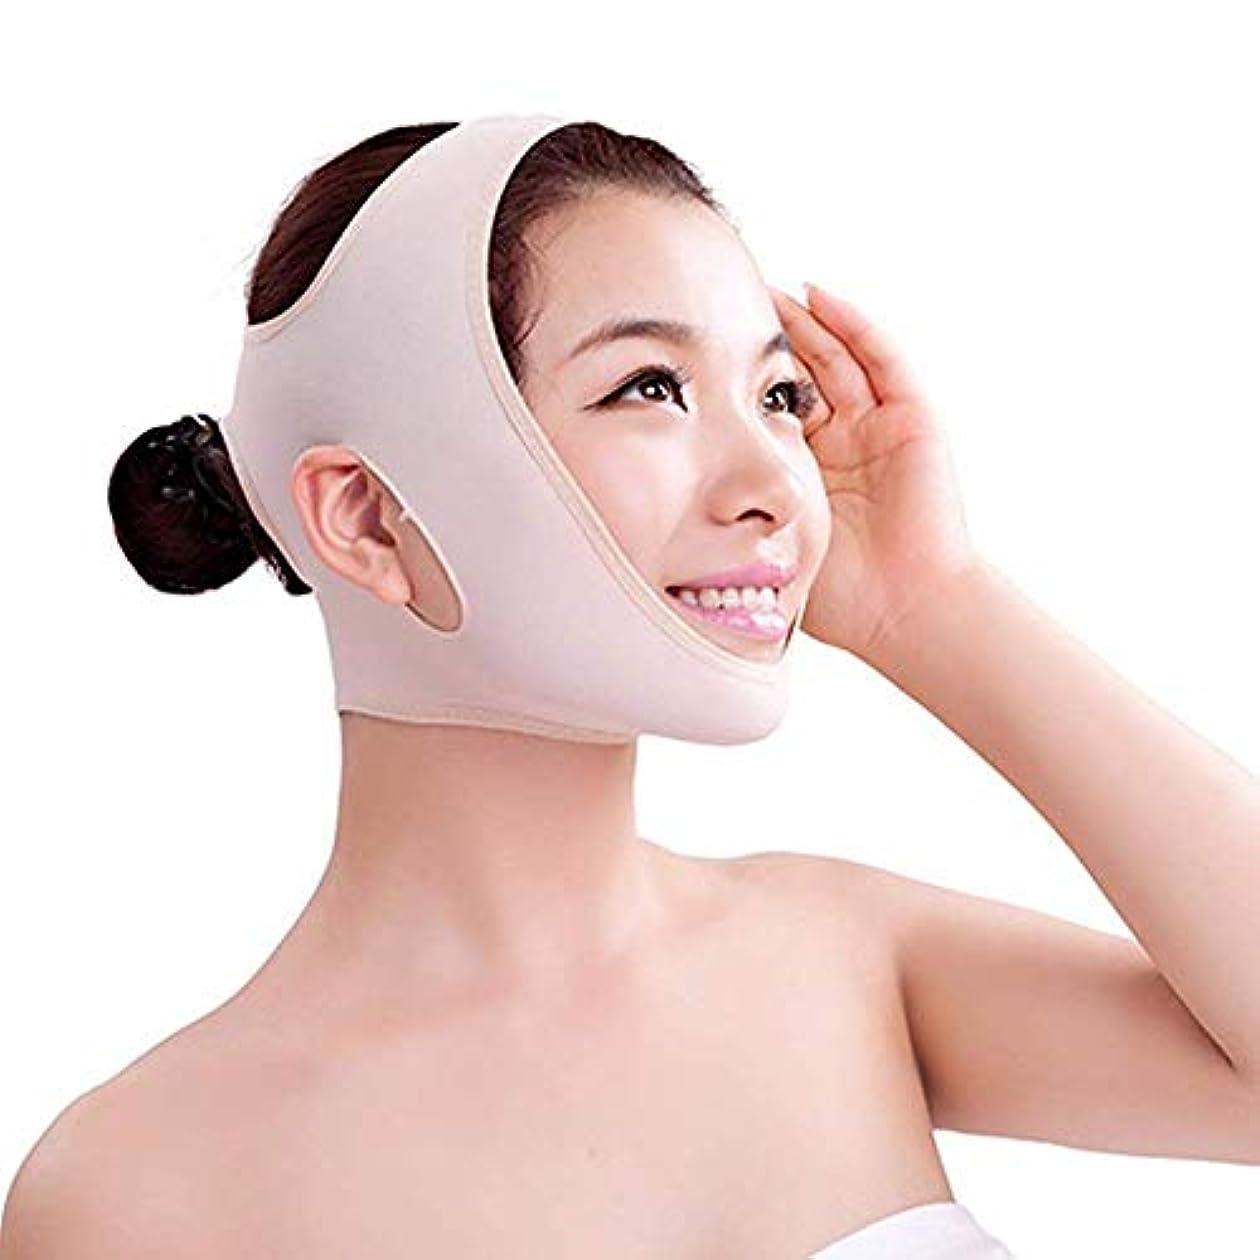 内訳有名架空のWSJTT フェイススリミングマスク、ベルトを持ち上げるインフレータブル顔、自然なVフェイスチークチンは減量包帯チン包帯を削除するために二重あご、タイトなバンドリフティング (Size : XL)